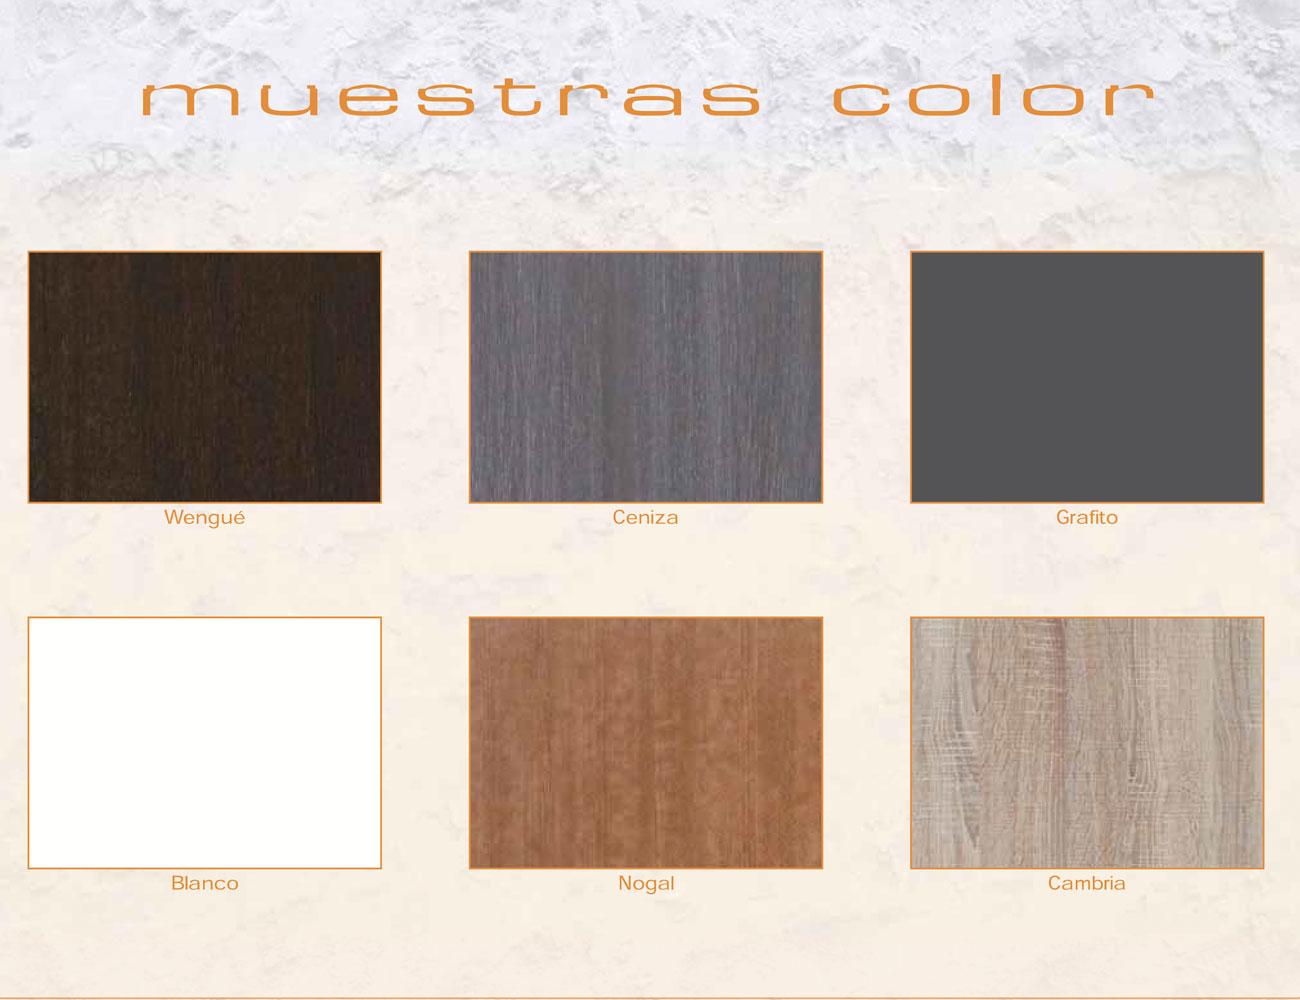 Muestras color muebles expo13